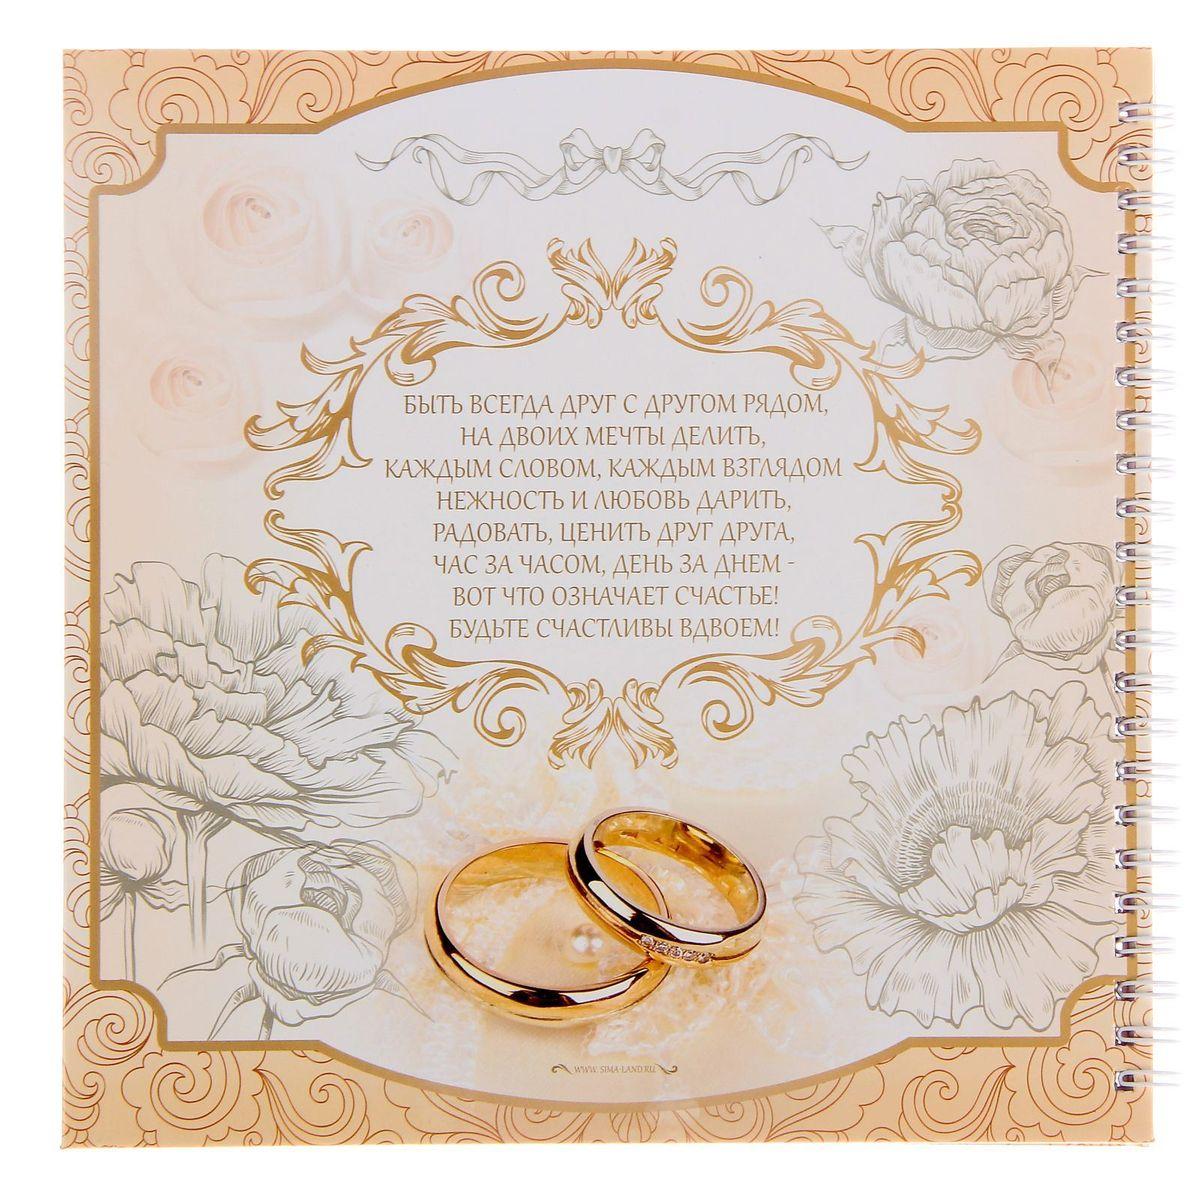 Поздравления с венчанием - Поздравок